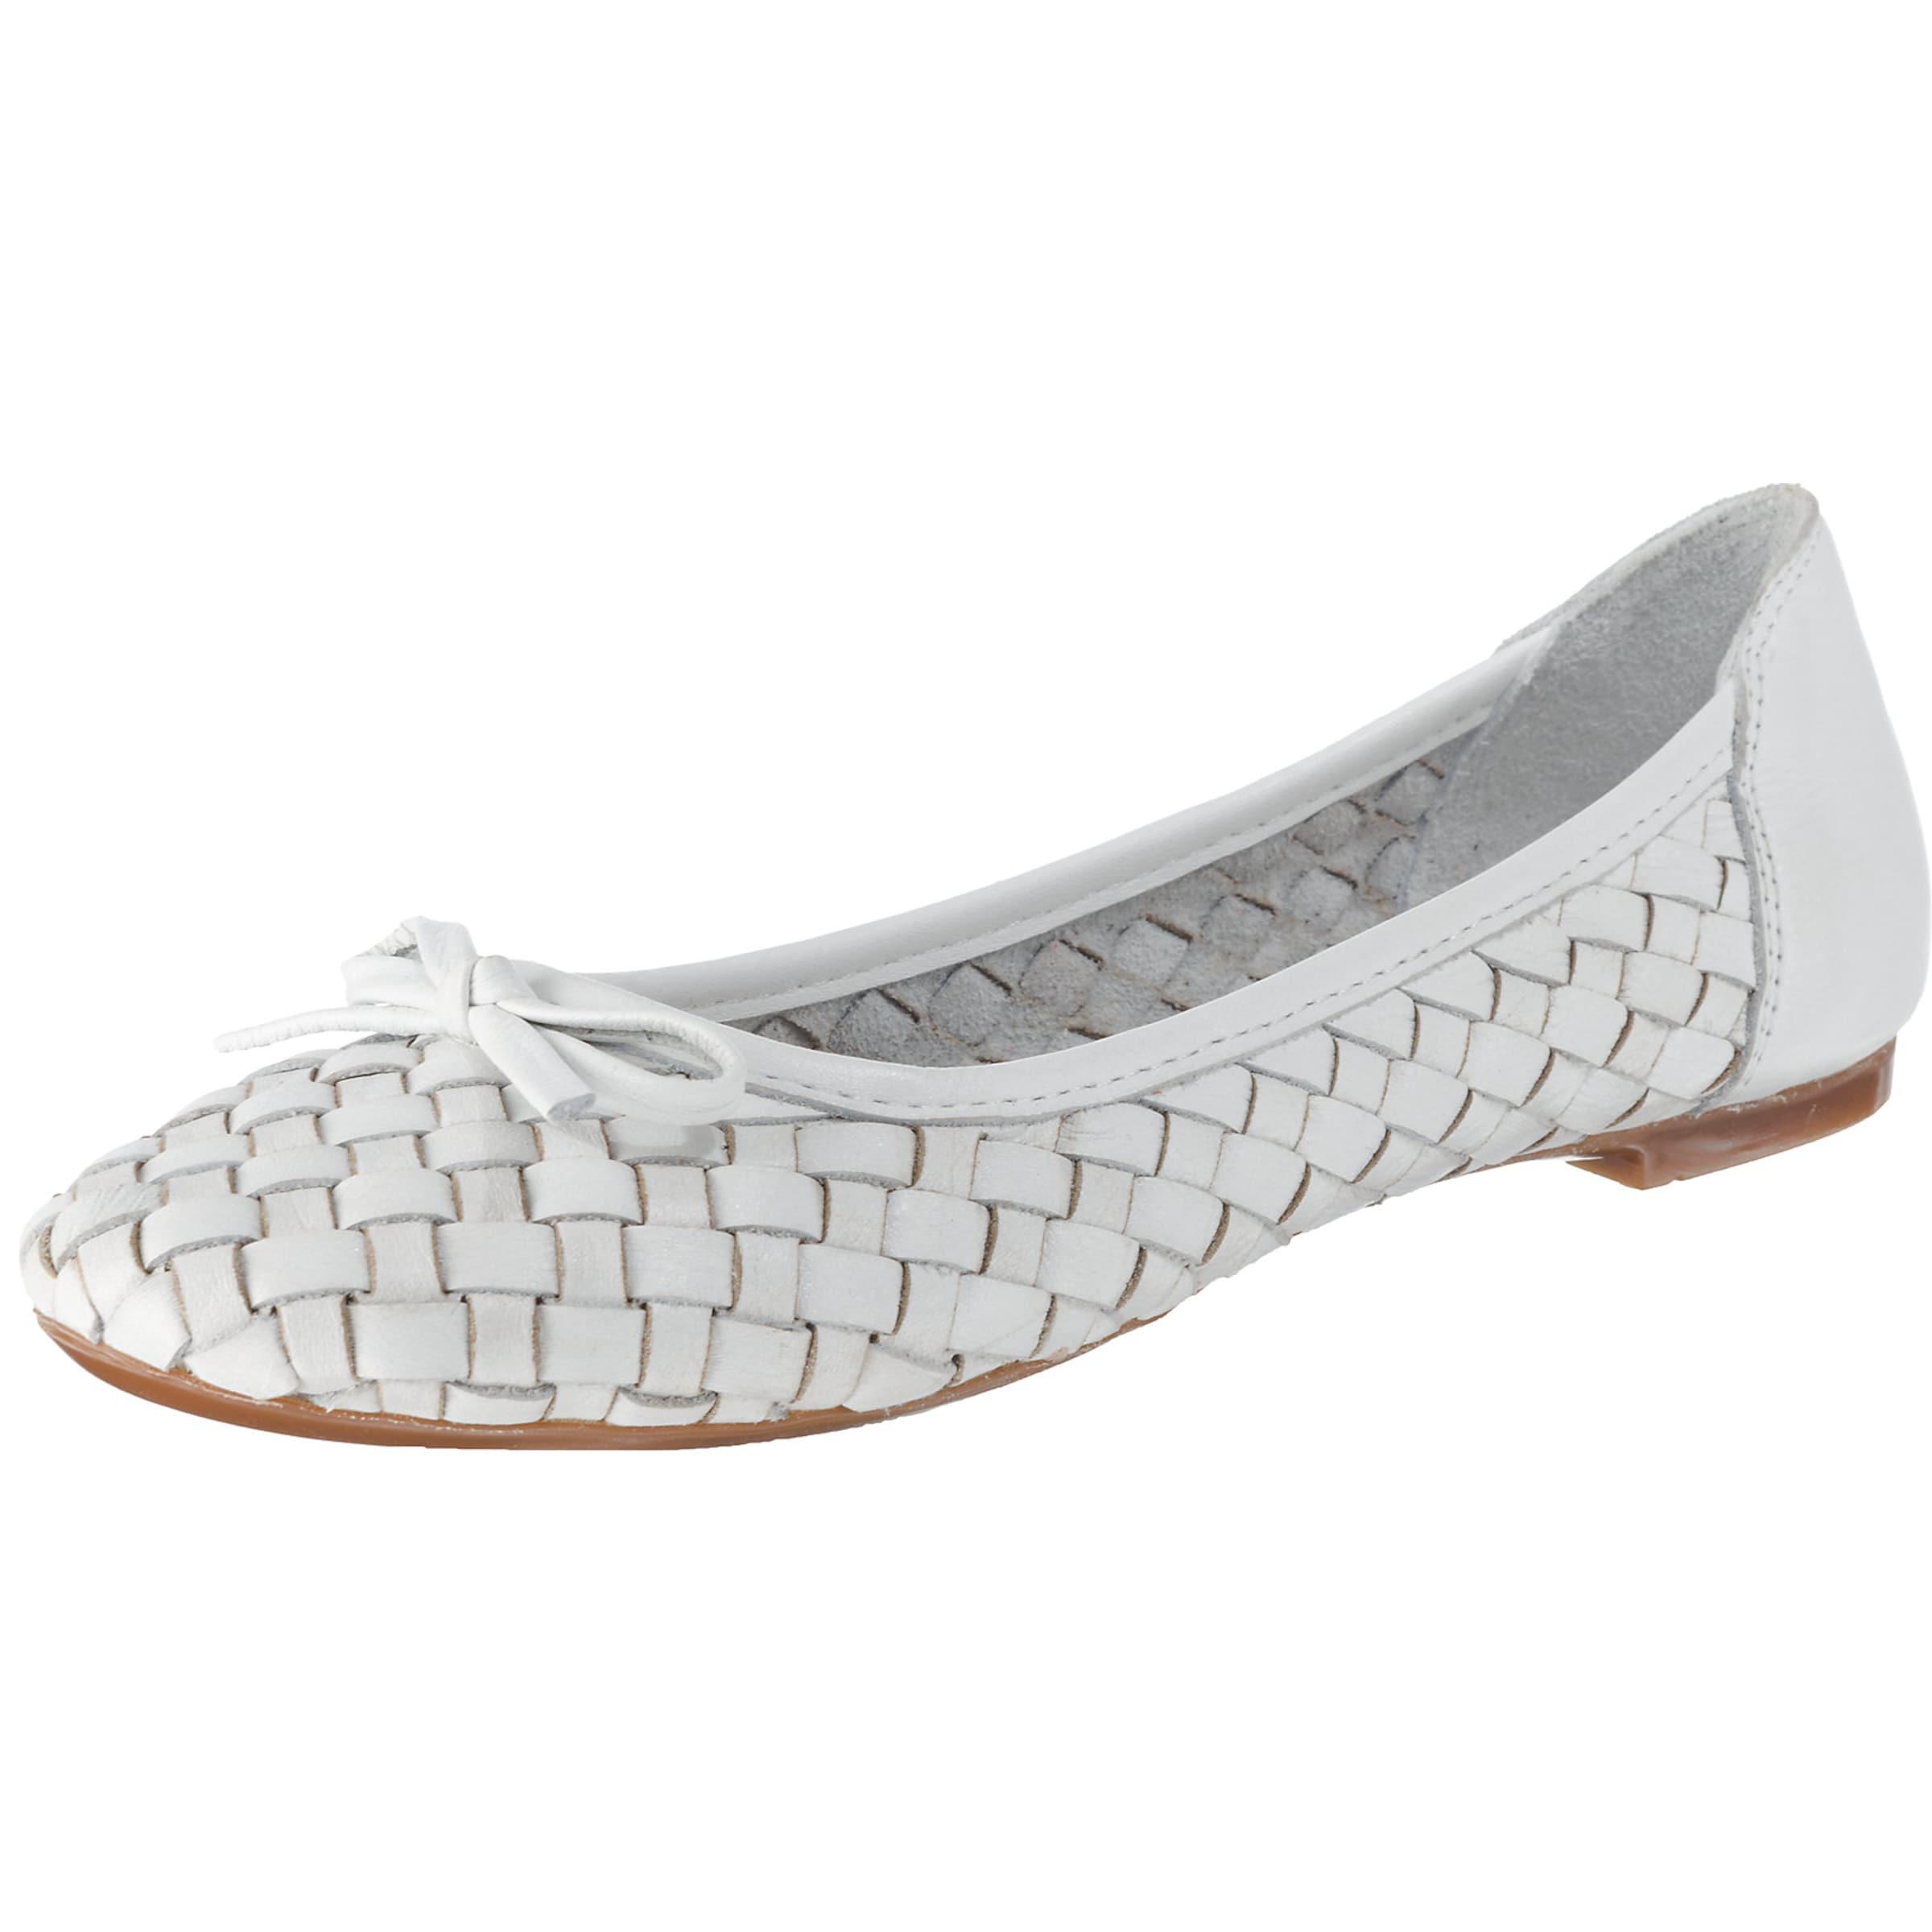 ANDREA CONTI Klassische Ballerinas Rabatt-Shop Footaction Online-Verkauf T817c